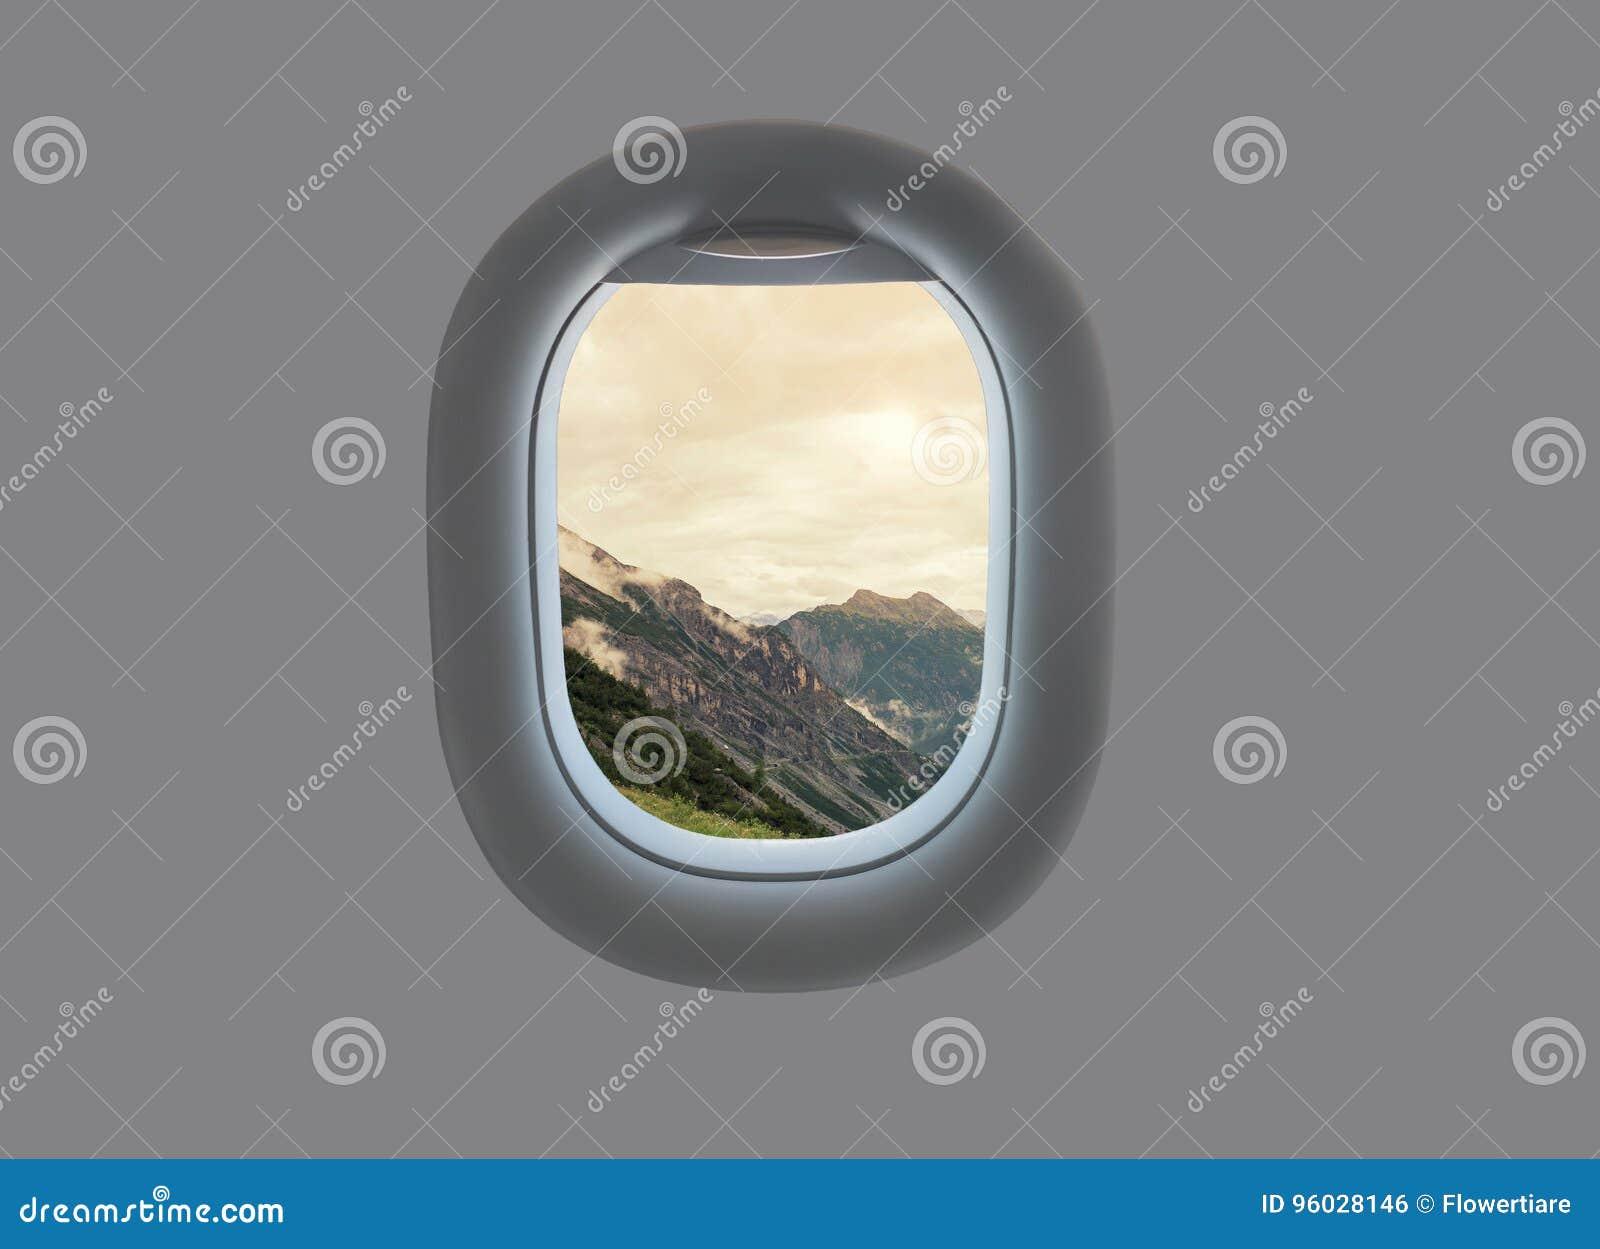 Krajobraz góry i chmury Południowy Tyrol W Włochy w płaskim okno